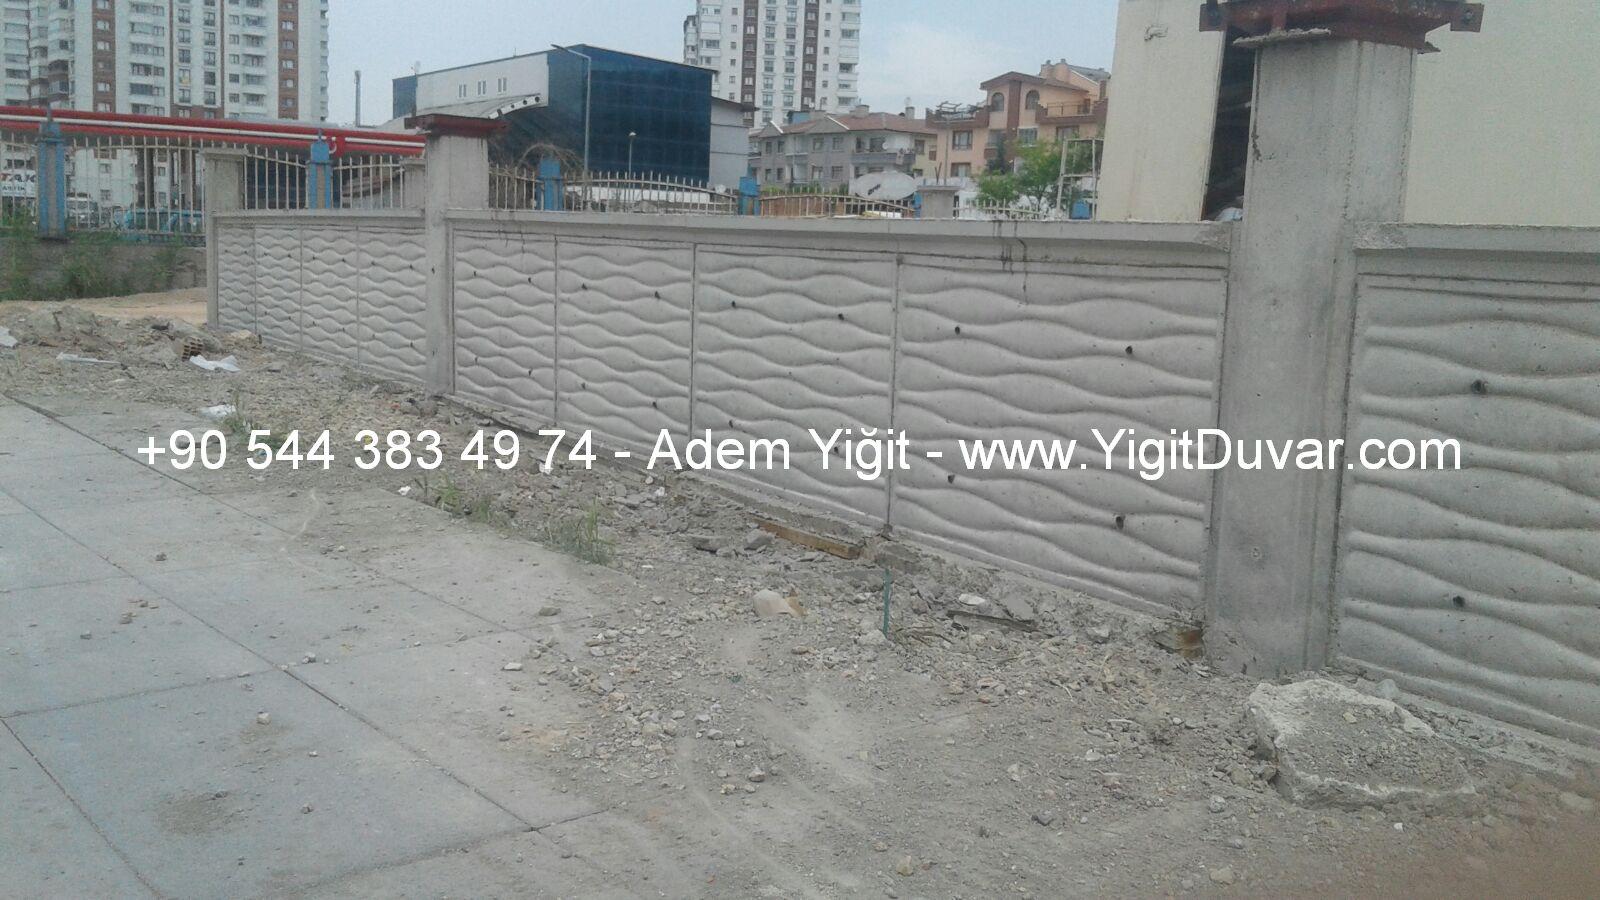 Ankara-duvar-ustasi-IMG-20180524-WA0091